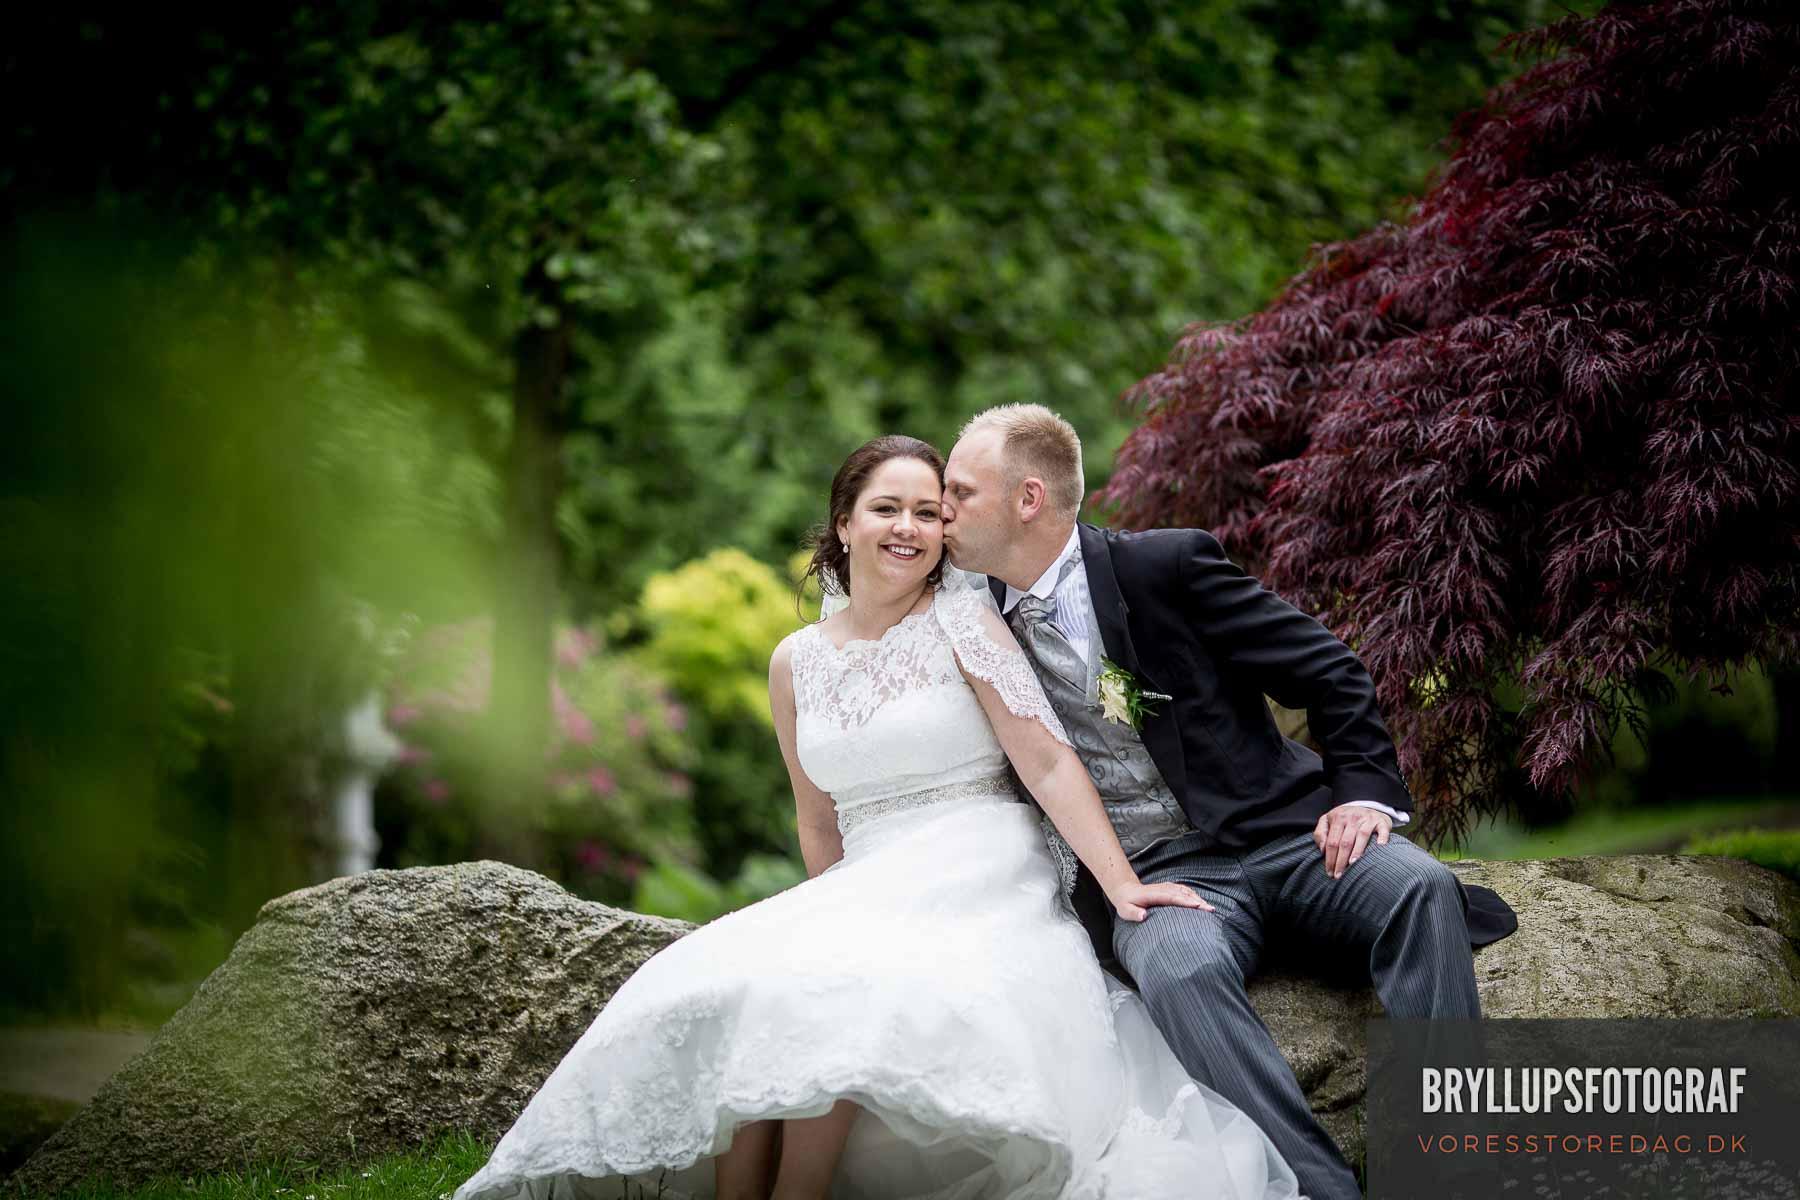 Bryllupsfotograf København - Flotte og kreative bryllupsbilleder